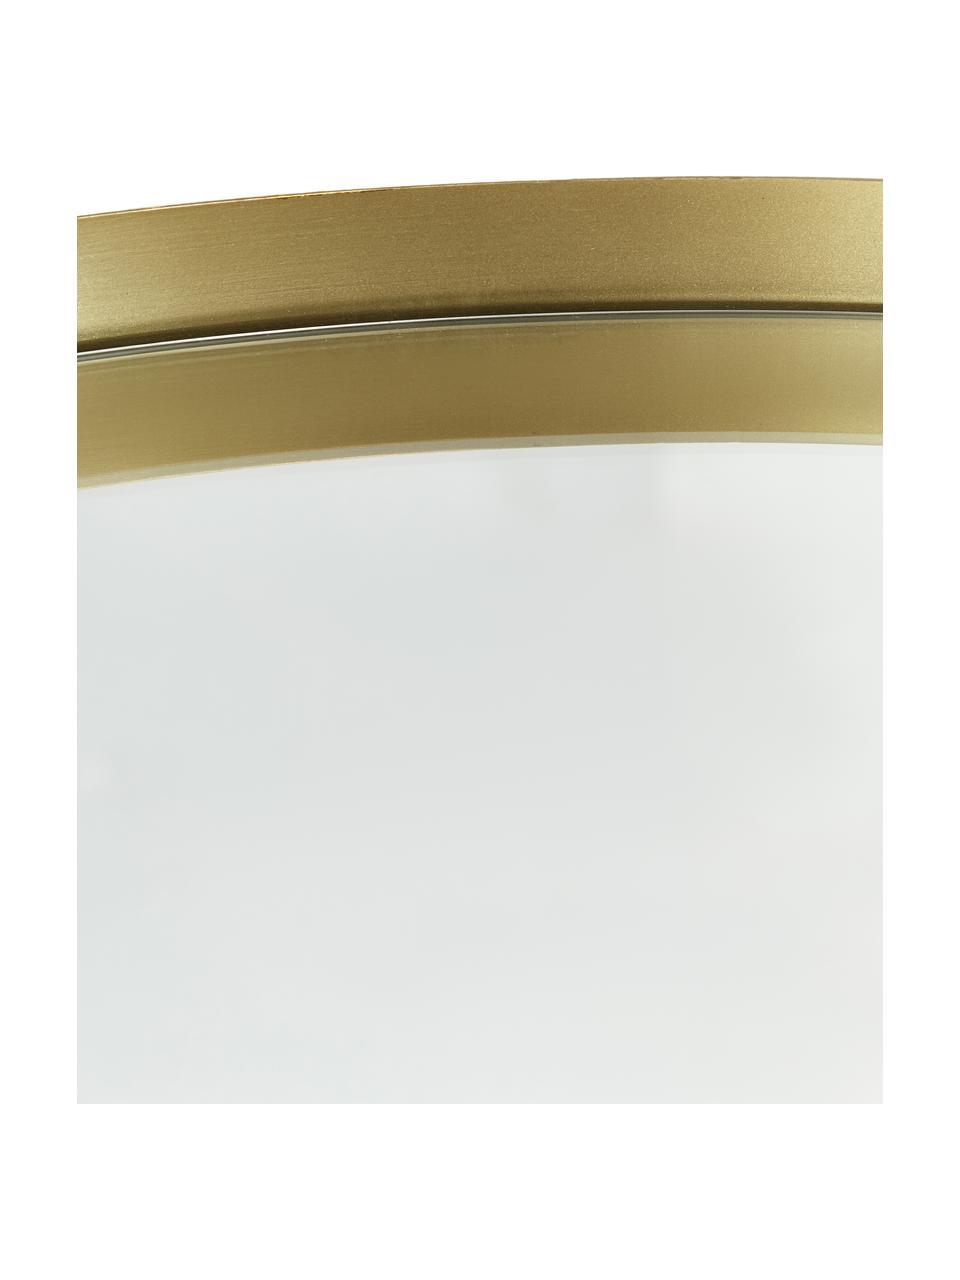 Miroir mural rond doré Ivy, Couleur laitonnée